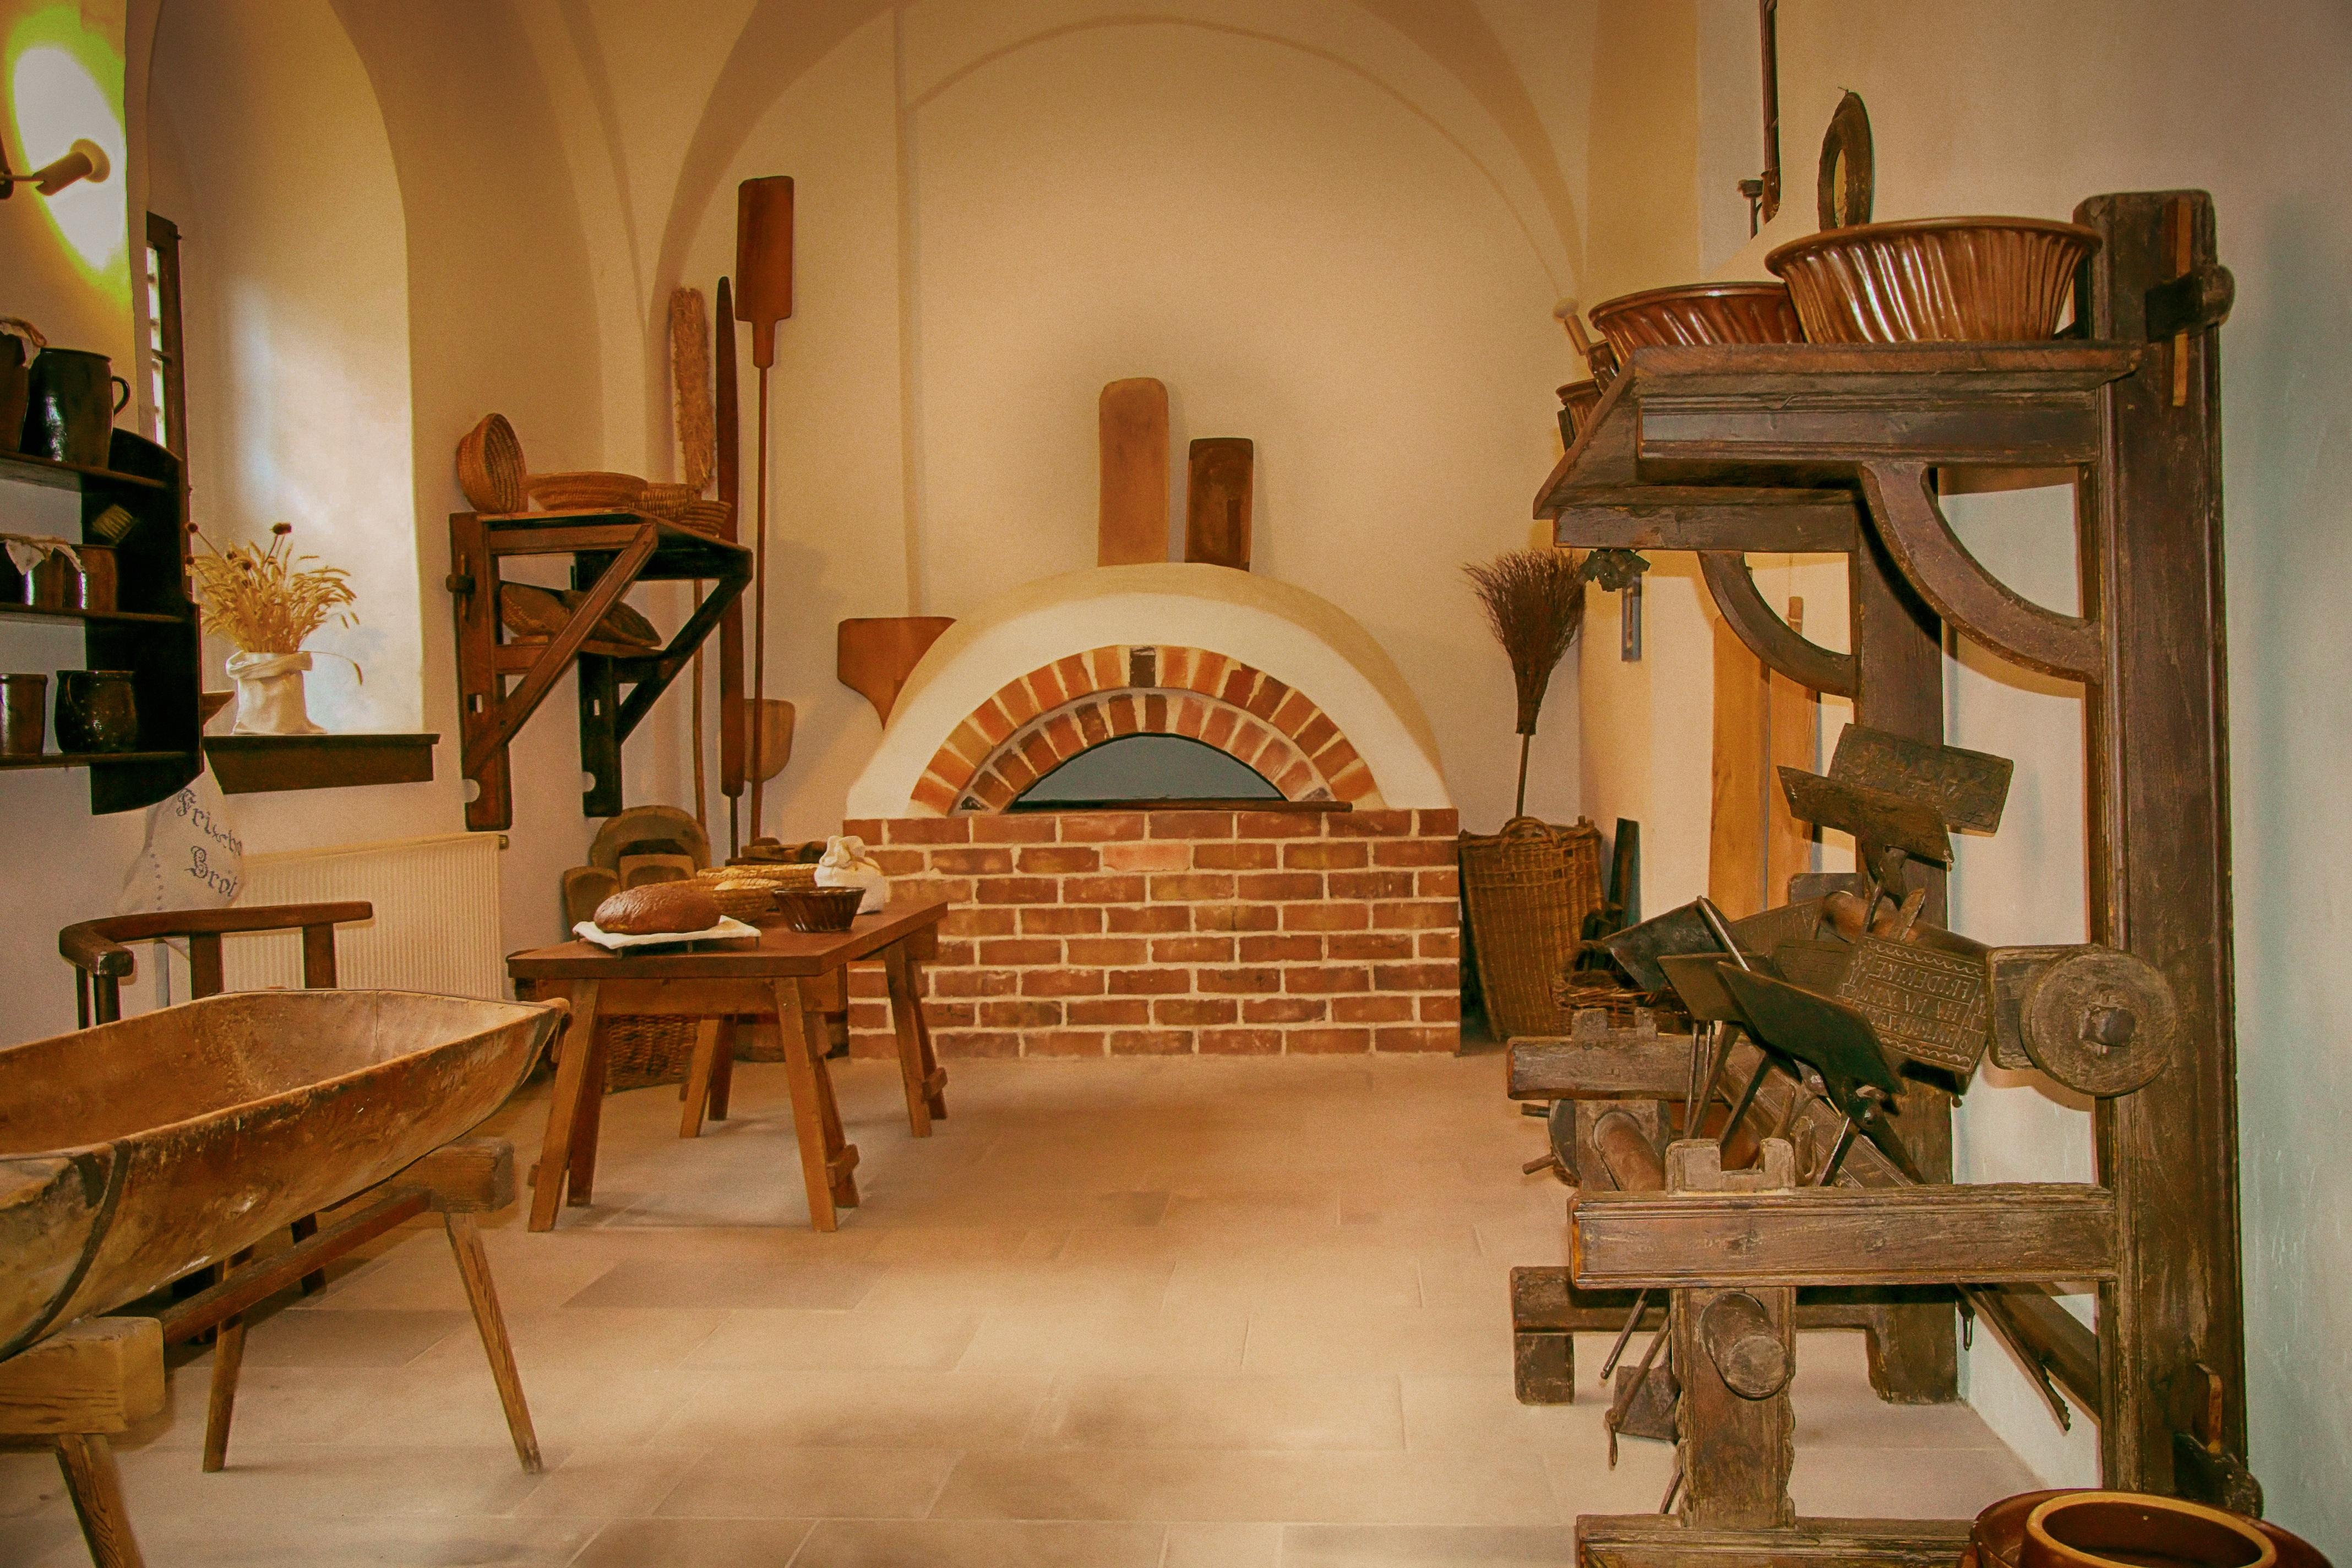 Fotos gratis : madera, villa, palacio, casa, edificio, museo, cabaña ...